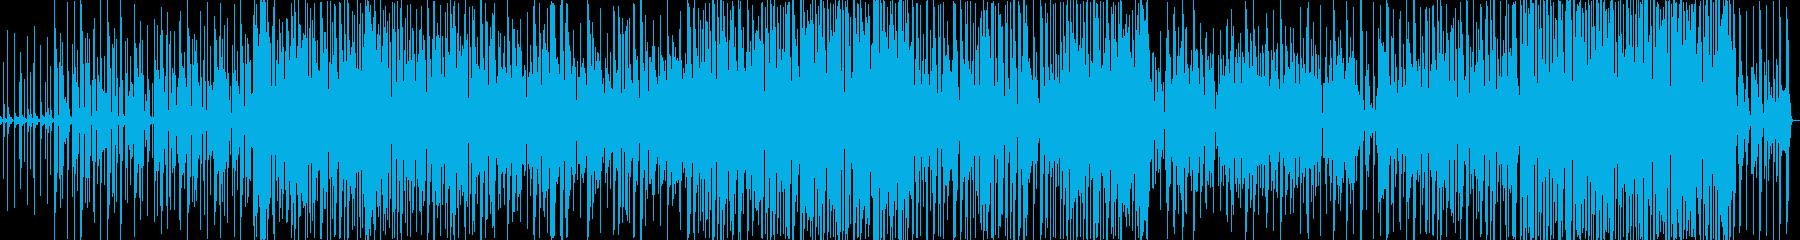 ラテン系 説明的 静か お洒落 ク...の再生済みの波形